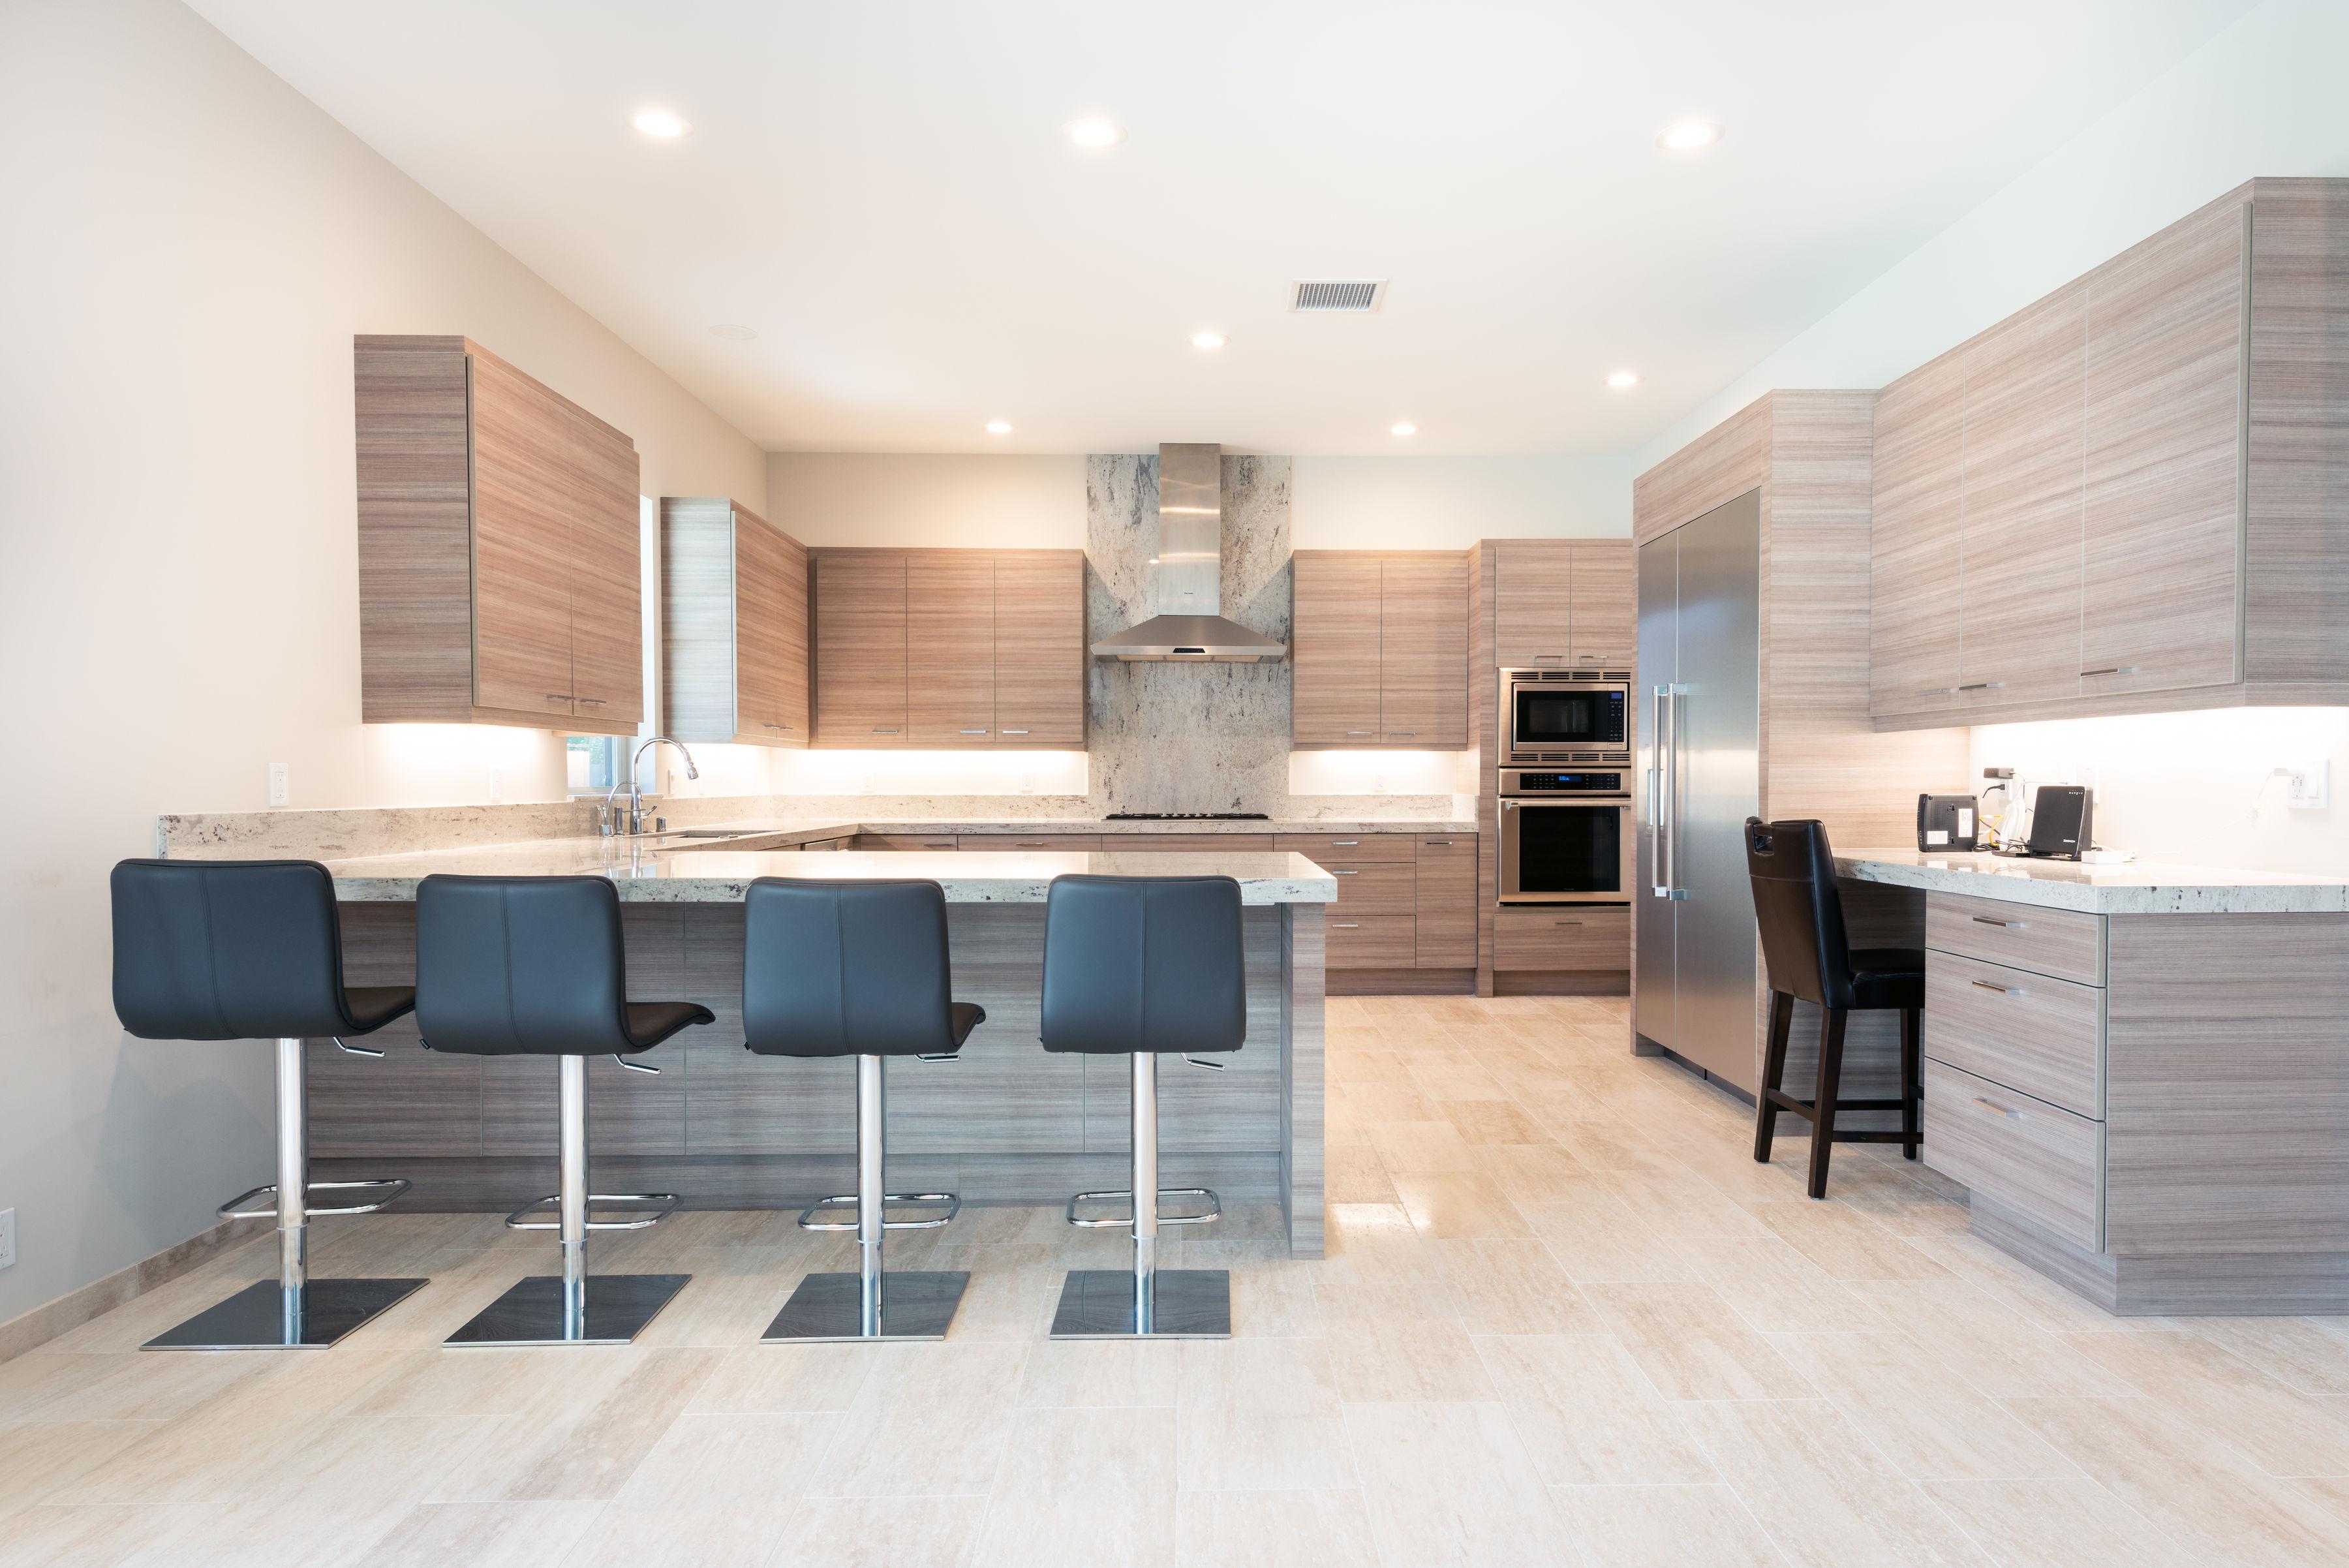 09-modern-kitchen-dining